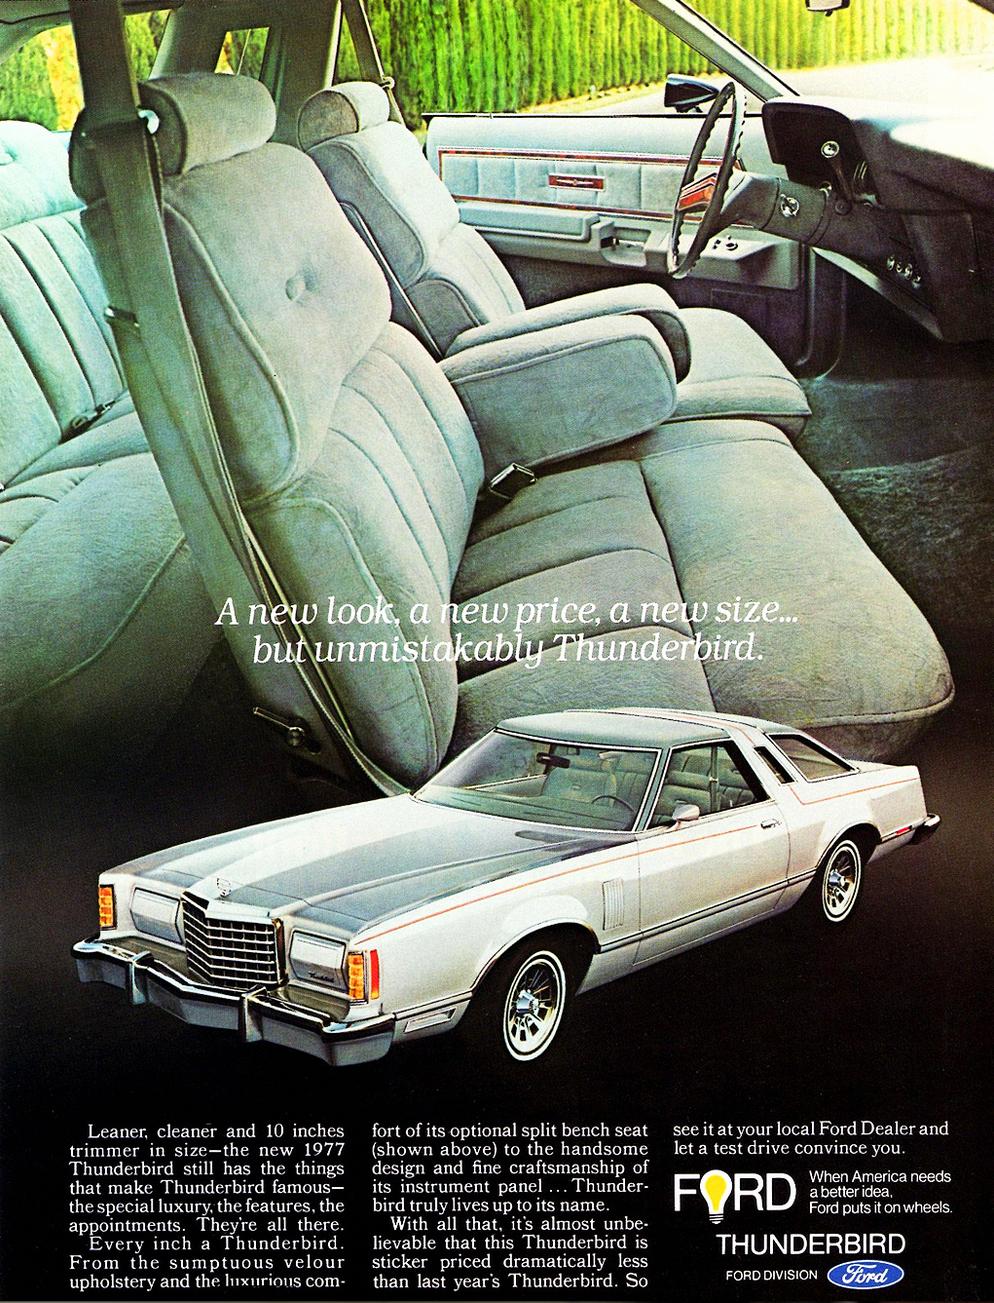 1977 Ford Thunderbird Ad Fordclassiccars Ford Thunderbird